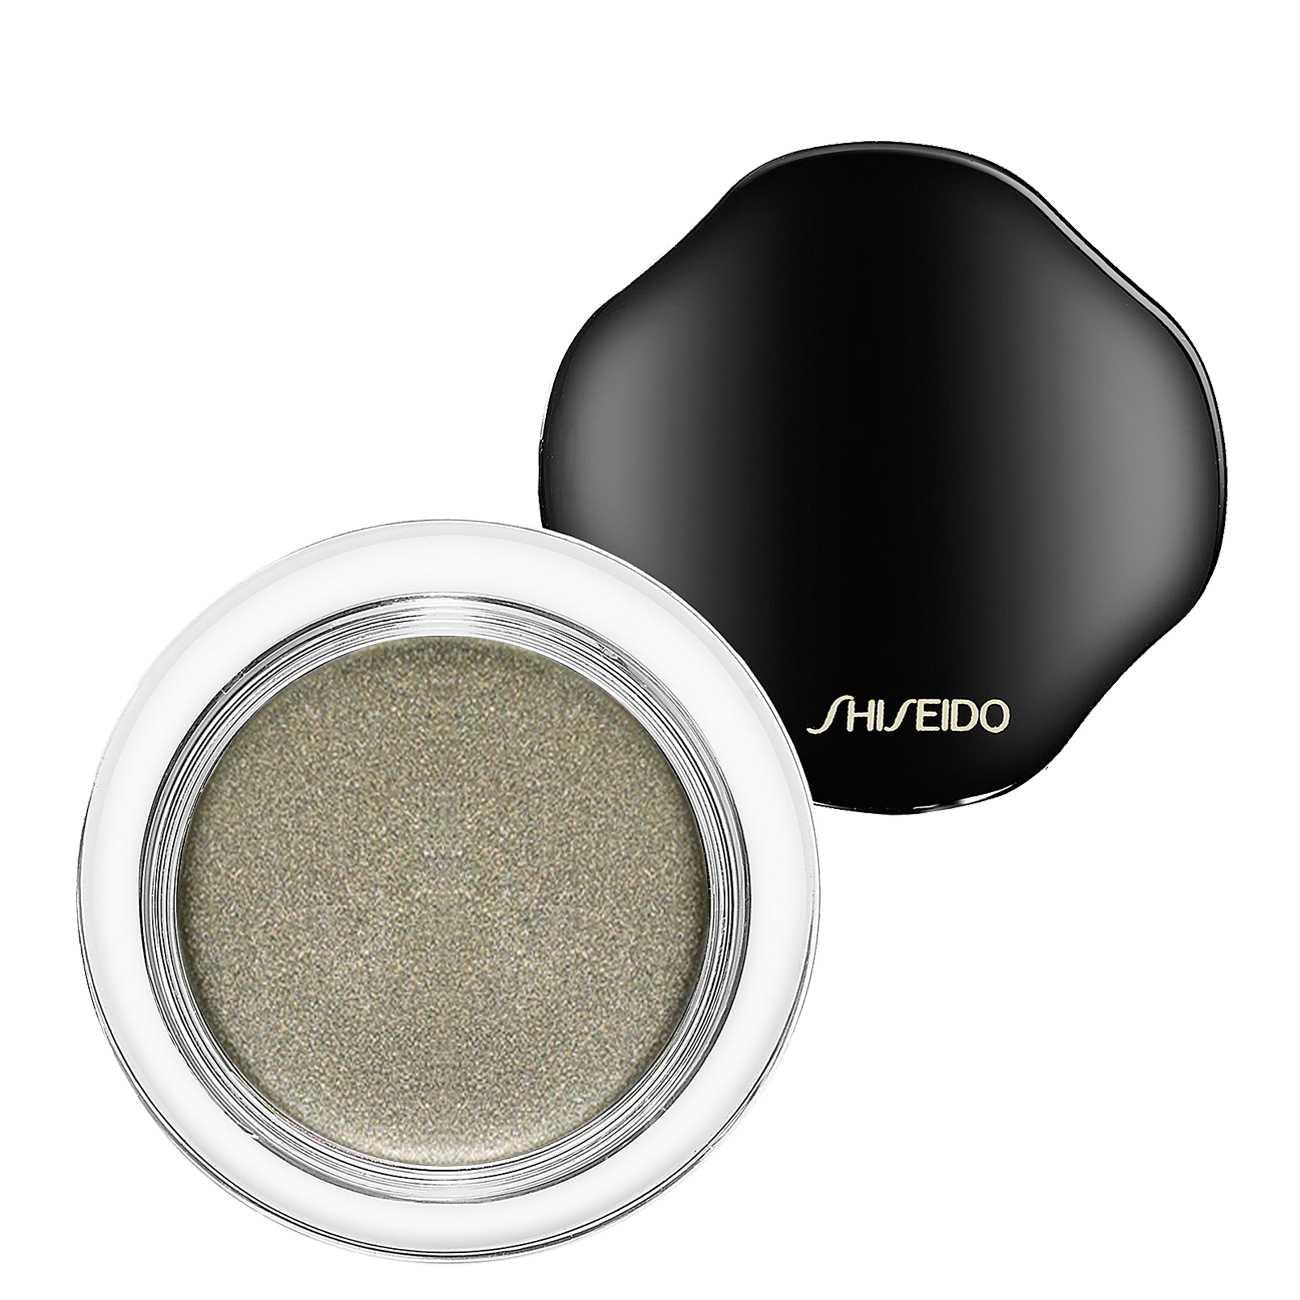 Shimmering Cream Eye Color 6 G Patina Gr 707 Shiseido imagine 2021 bestvalue.eu